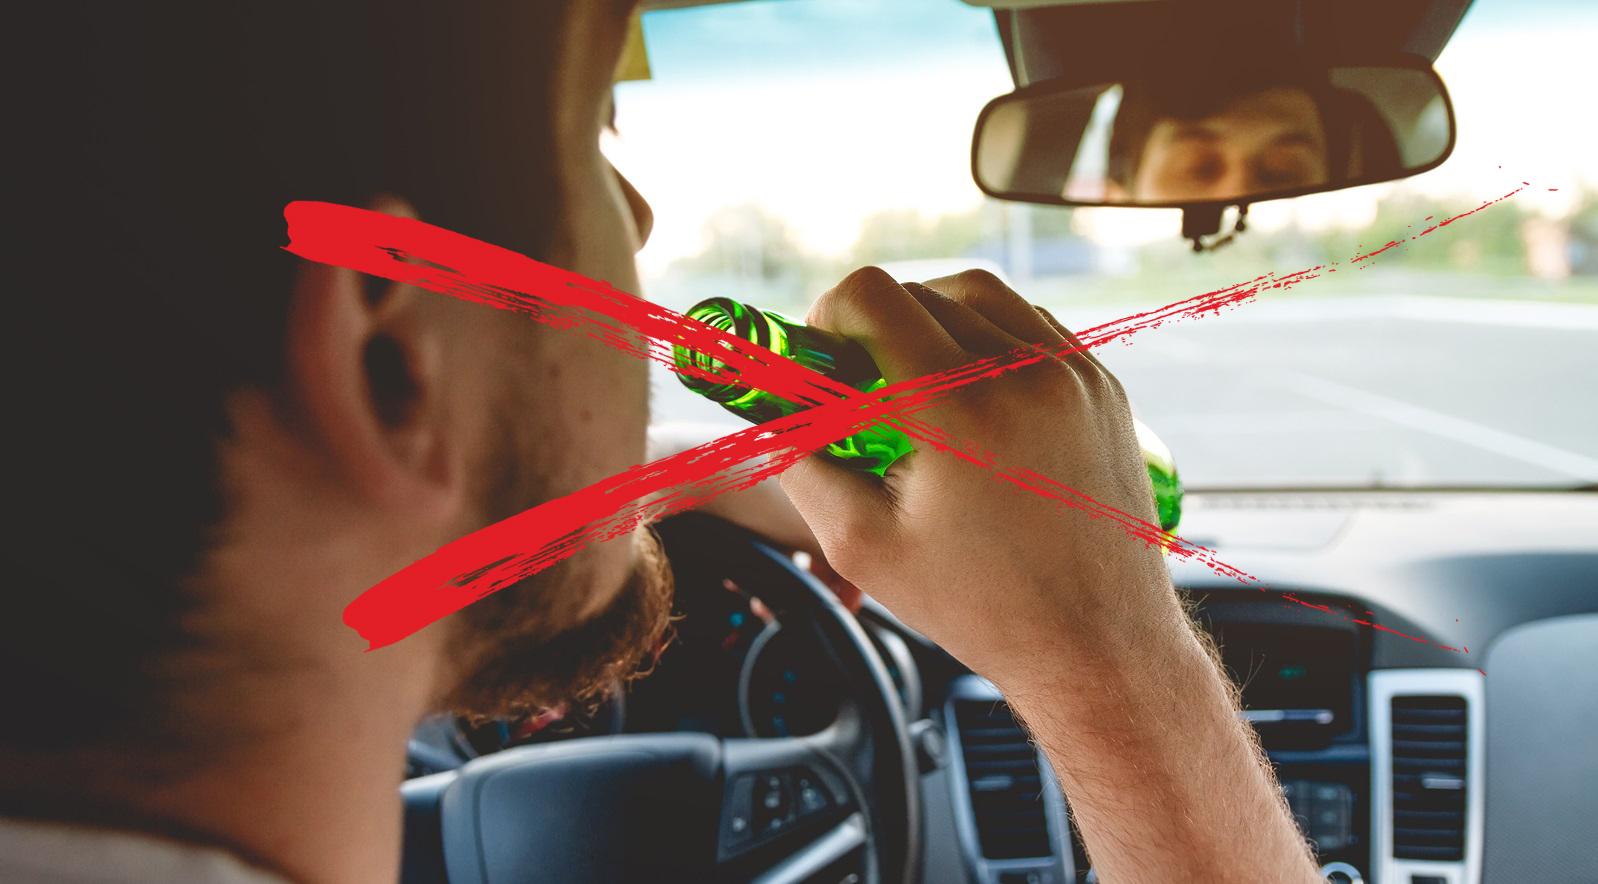 В каких случаях суд не может лишить водителя прав за пьянку